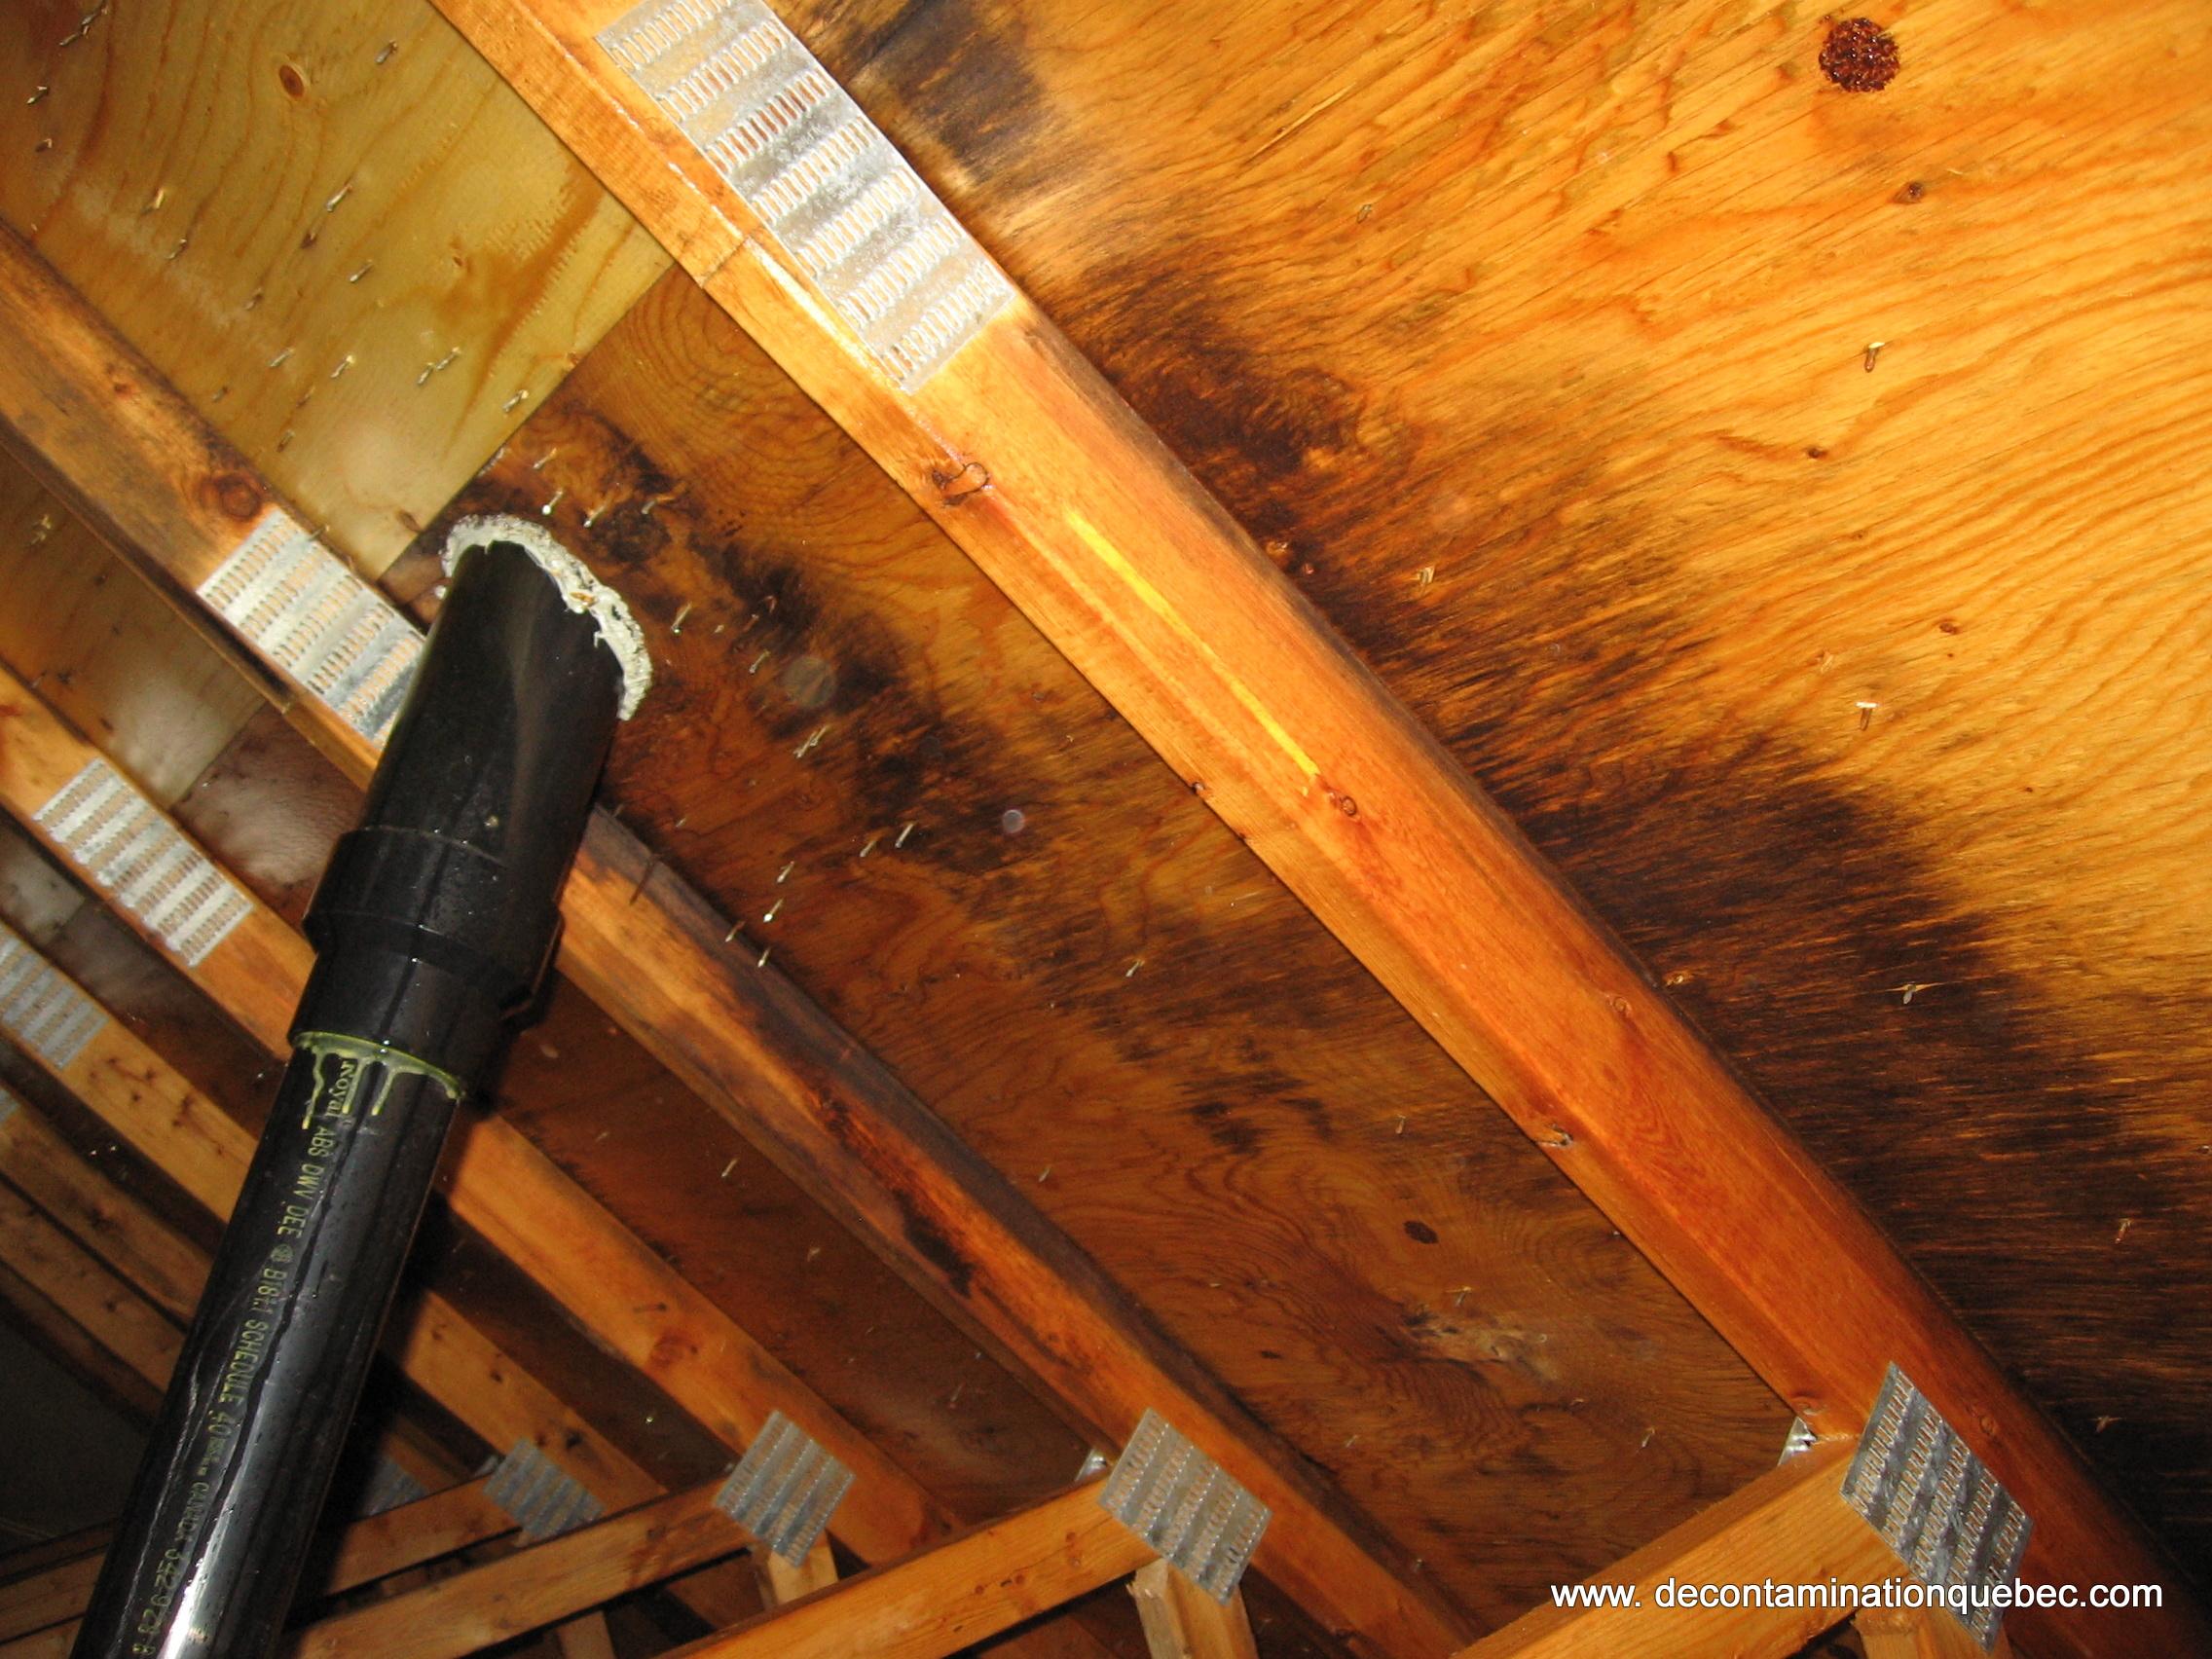 Moisissures d contamination qu bec inc for Condensation dans une maison